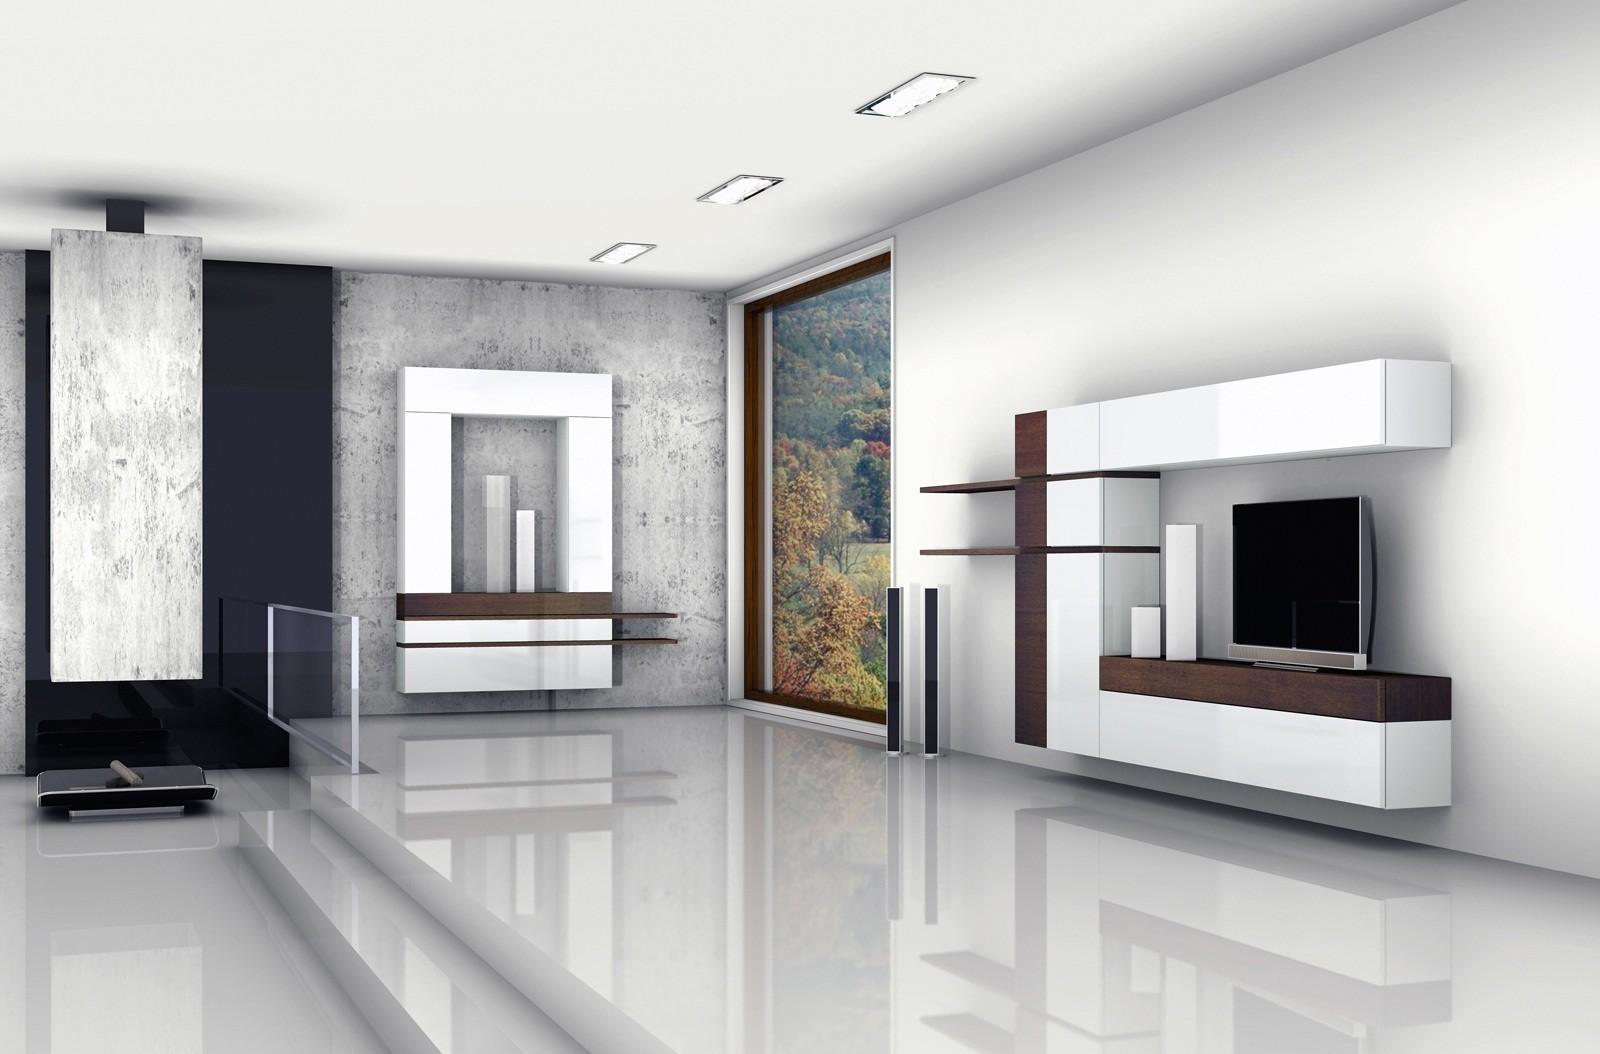 Minimalismo la interaccion de la persona con el espacio for Ambientes minimalistas interiores